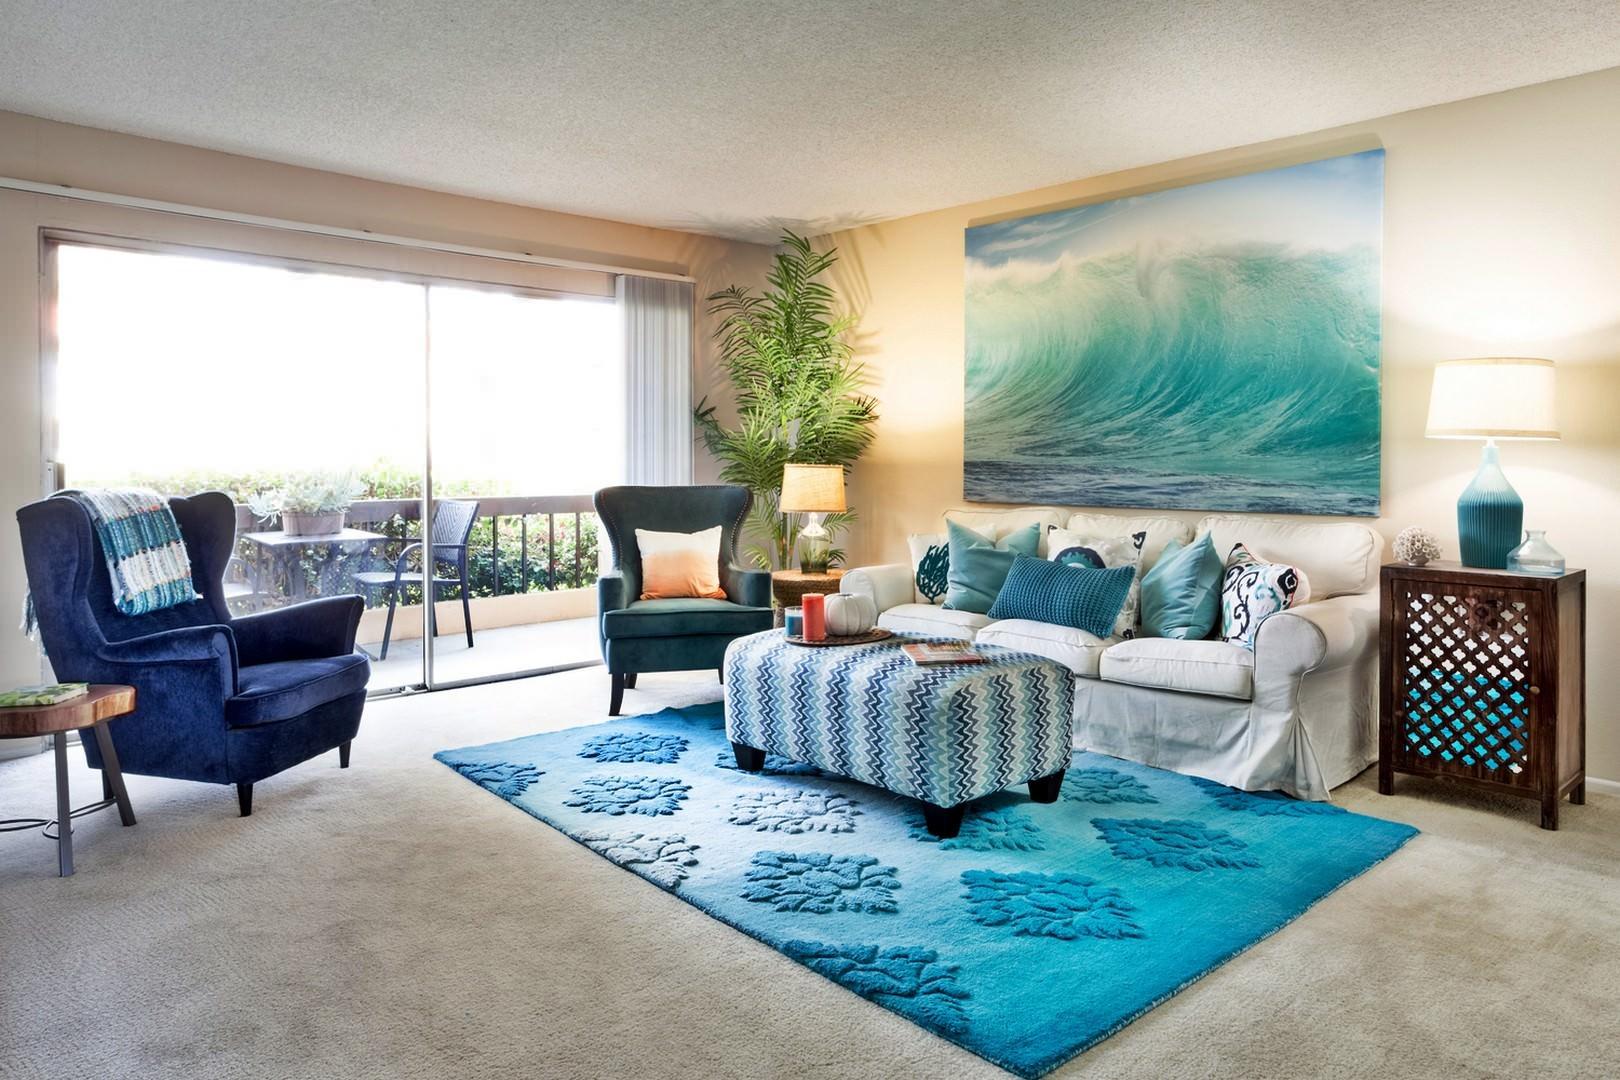 Дизайн квартиры в морском стиле — лето круглый год